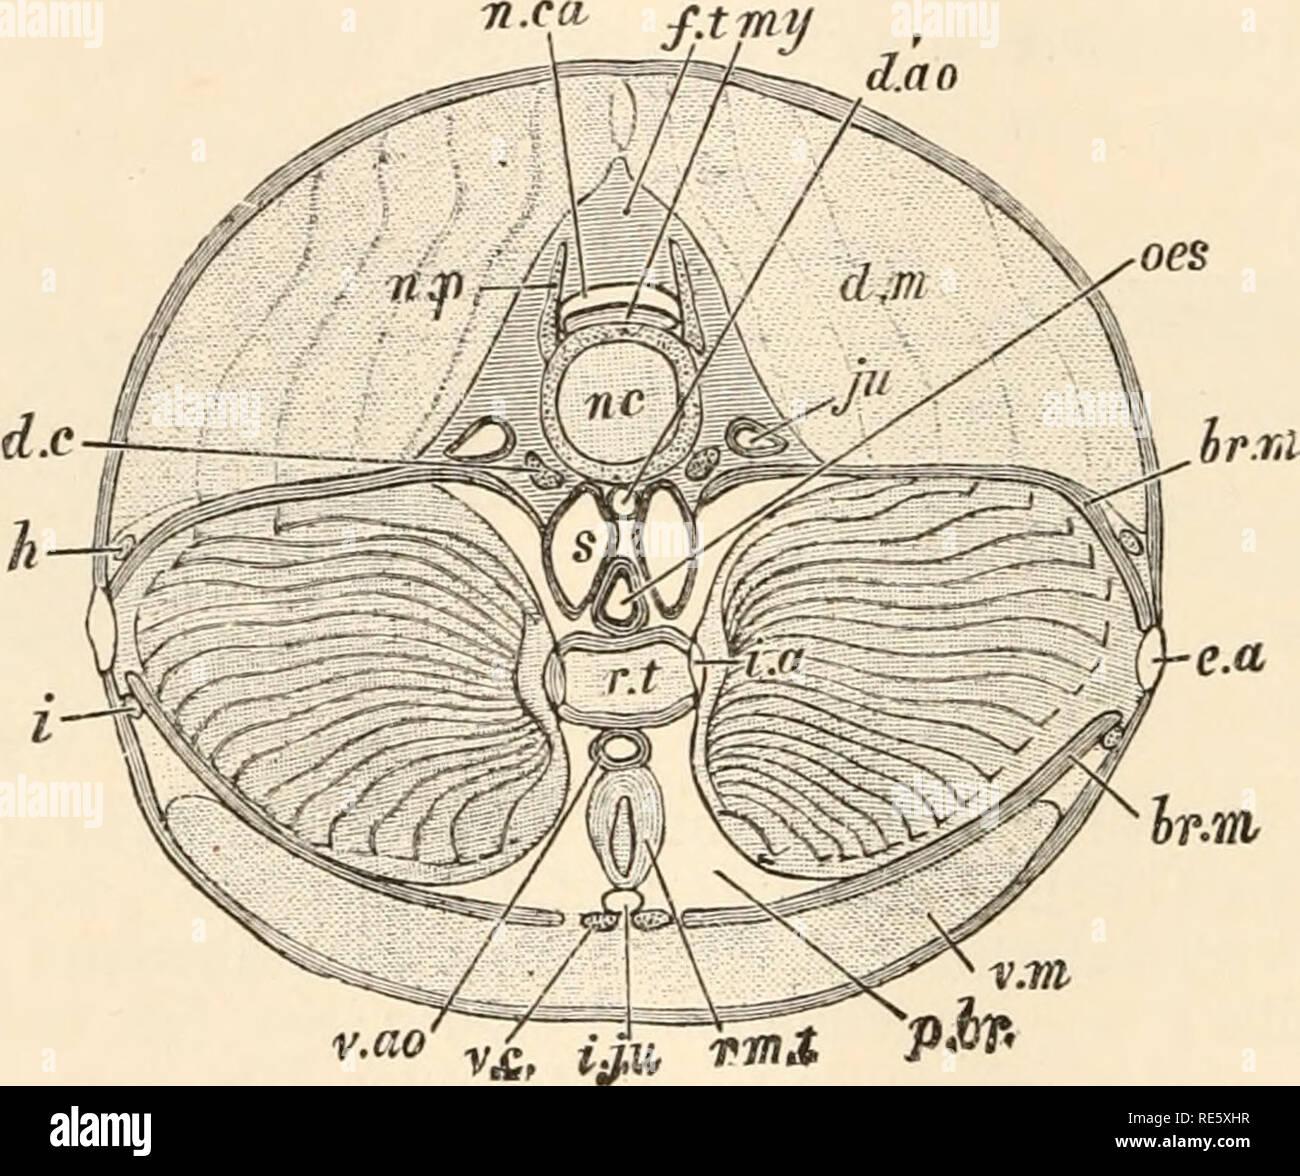 . Un cours d'instruction en zootomy (vertébrés). Anatomie, comparatif. 12 ZOOTOMY. disposés en segments transversaux, appelés myotomes ou myocommas séparées entre elles par des forts disques de tissu fibreux. Chaque myotome prend en zigzag; en commençant par le milieu de la ligne dorsale, il passe brusquement en arrière, puis d'abord doucement, puis de plus en avant vers l'arrière, et enfin l'avant brusquement. Le plan de l'myotomes n'est pas perpendiculaire à l'axe du corps, mais a tendance à partir de la surface, l'intérieur et vers l'avant. Les fibres musculaires qui les composent sont, c.-à-d. un longitudinal Banque D'Images